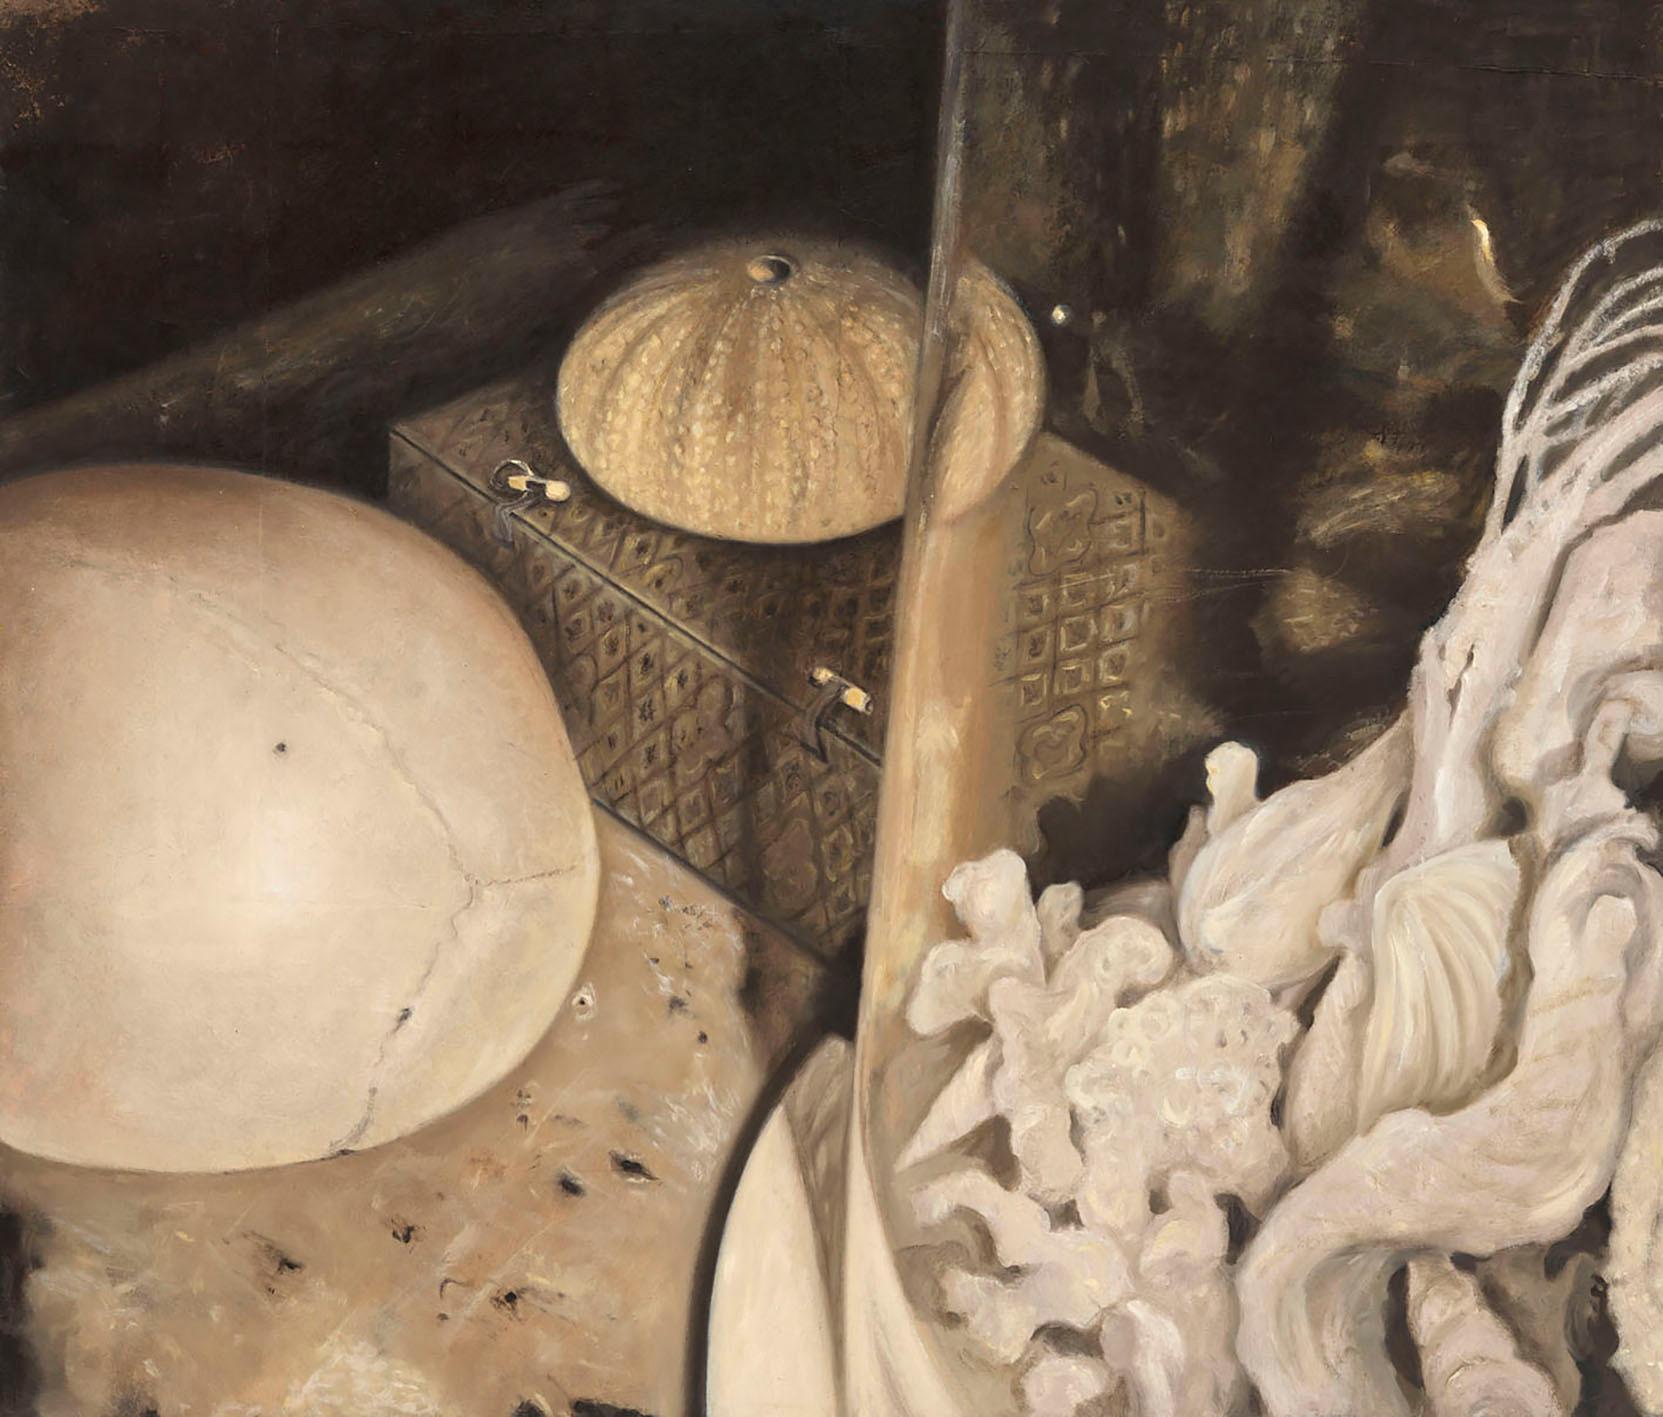 Senza titolo, 2007, olio su carta su tela, cm 120 x 140